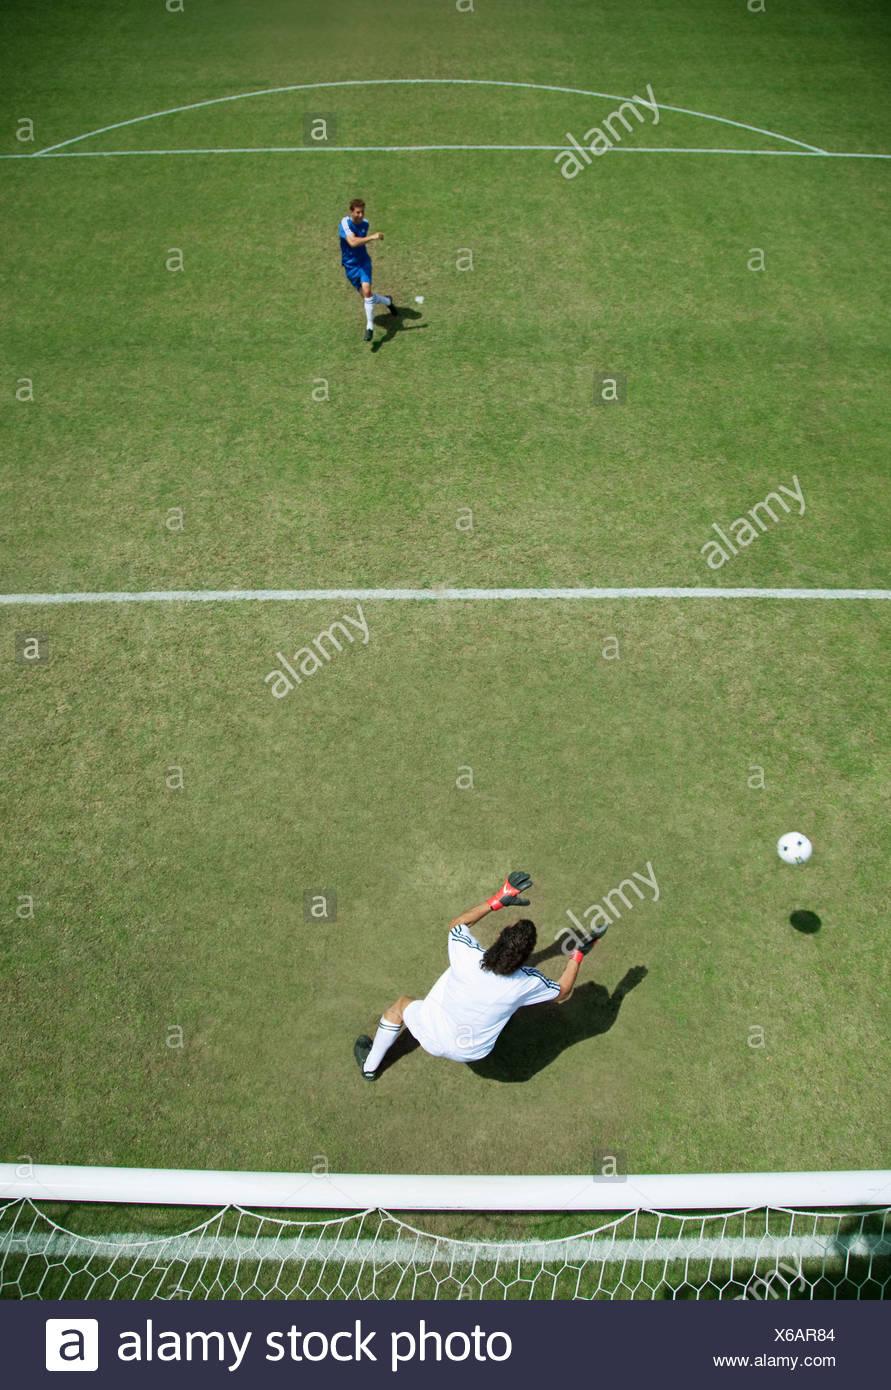 Soccer goalie missing soccer ball - Stock Image